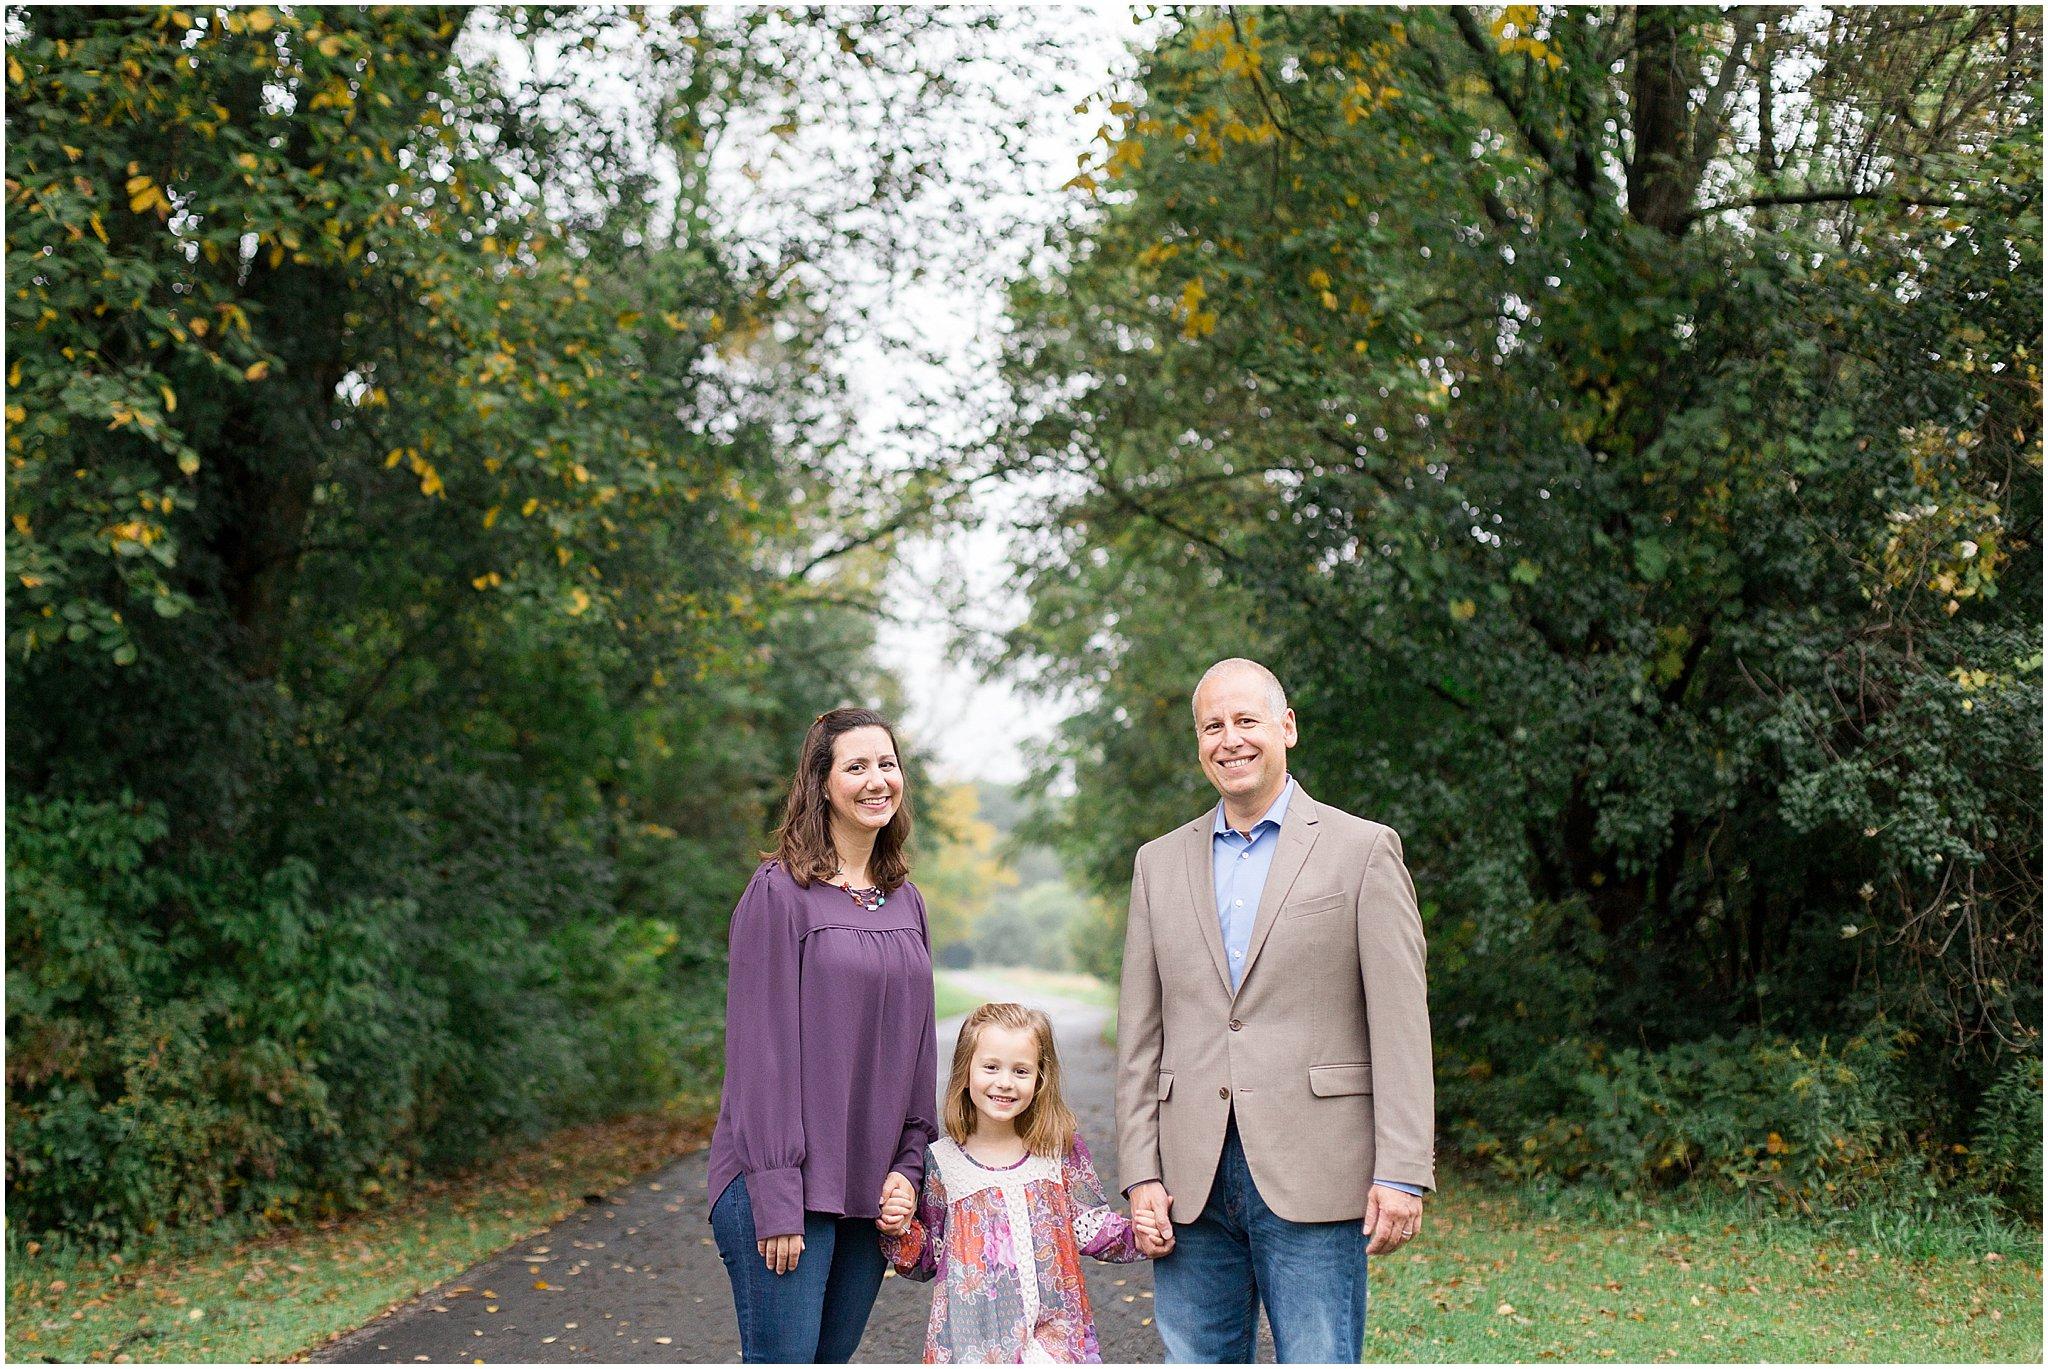 busse-woods-family-photographer_0017.jpg